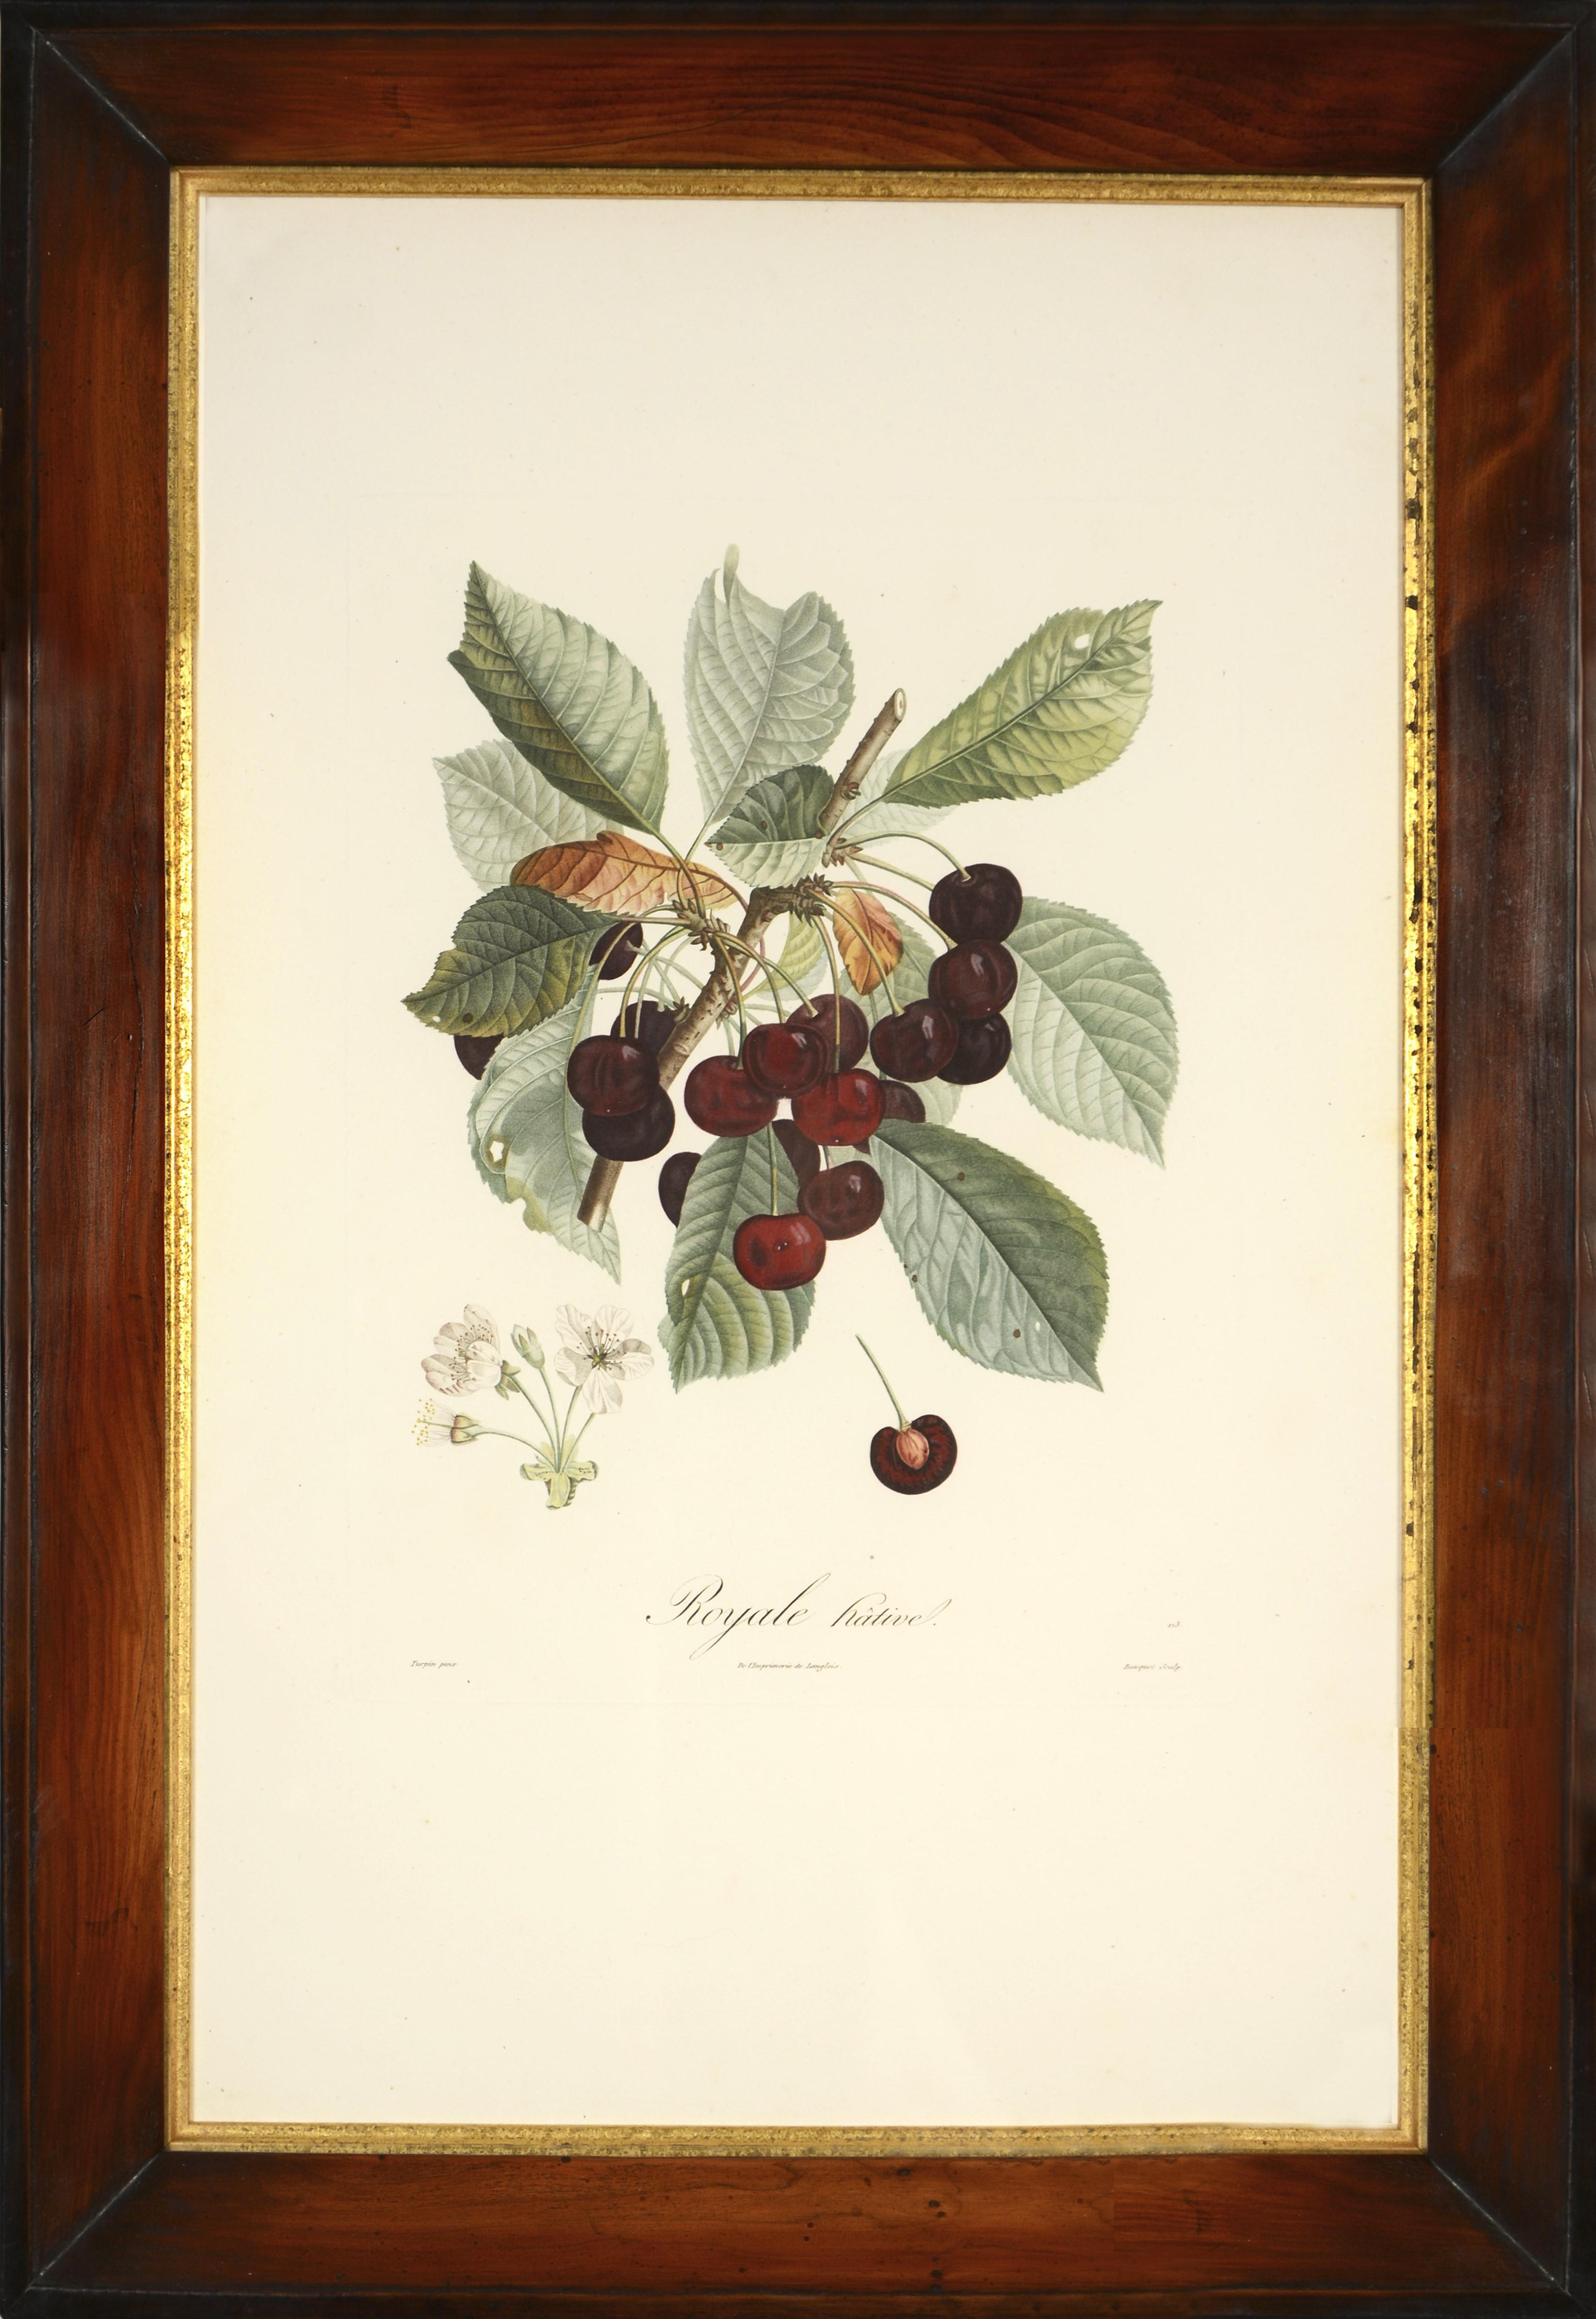 POITEAU/ TURPIN. Traité des arbres fruitiers: A Set of Four Cherries.